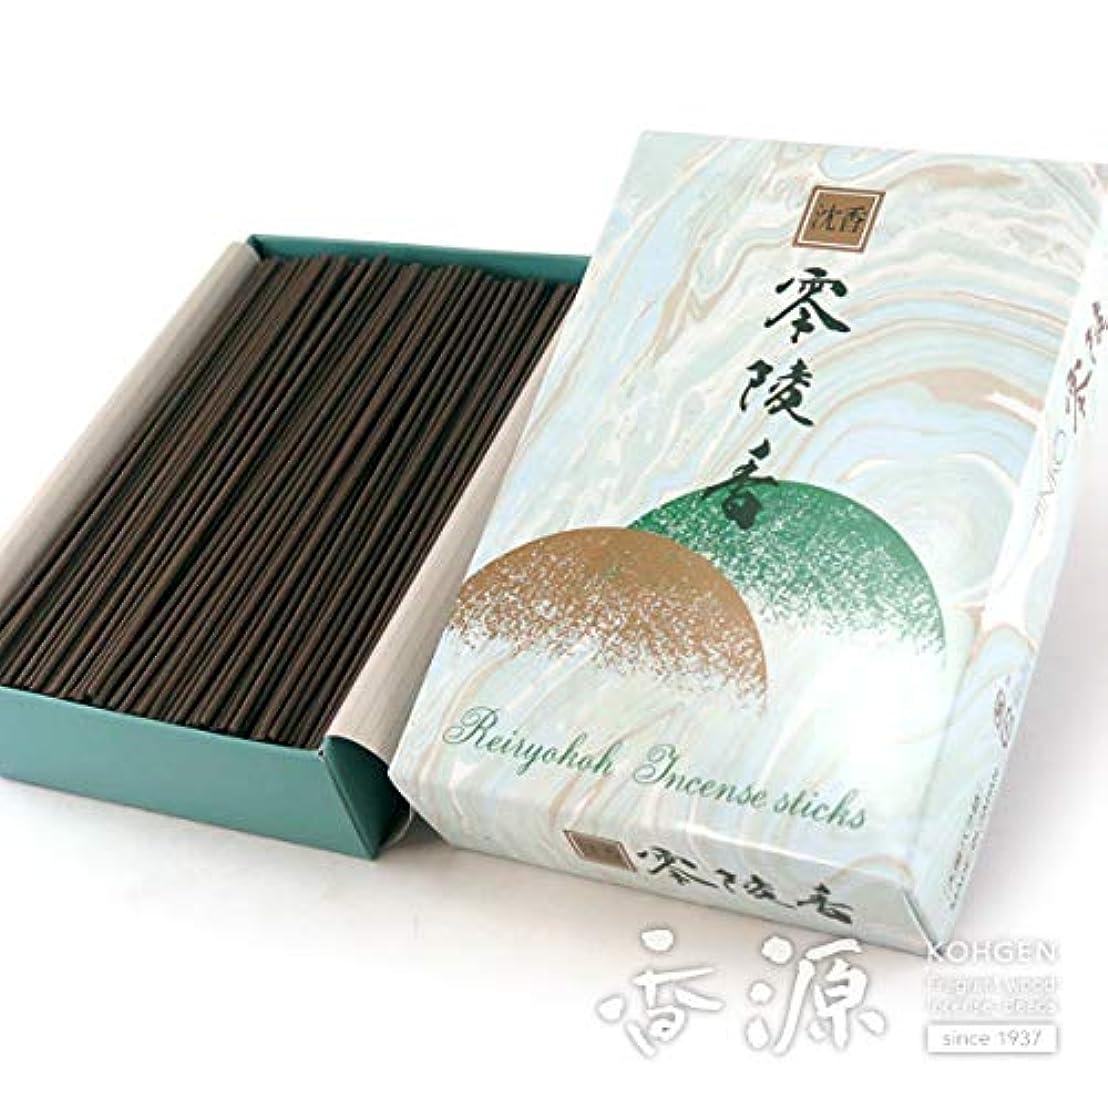 コイル伝統的オーロック沈香零陵香 お徳用サイズ